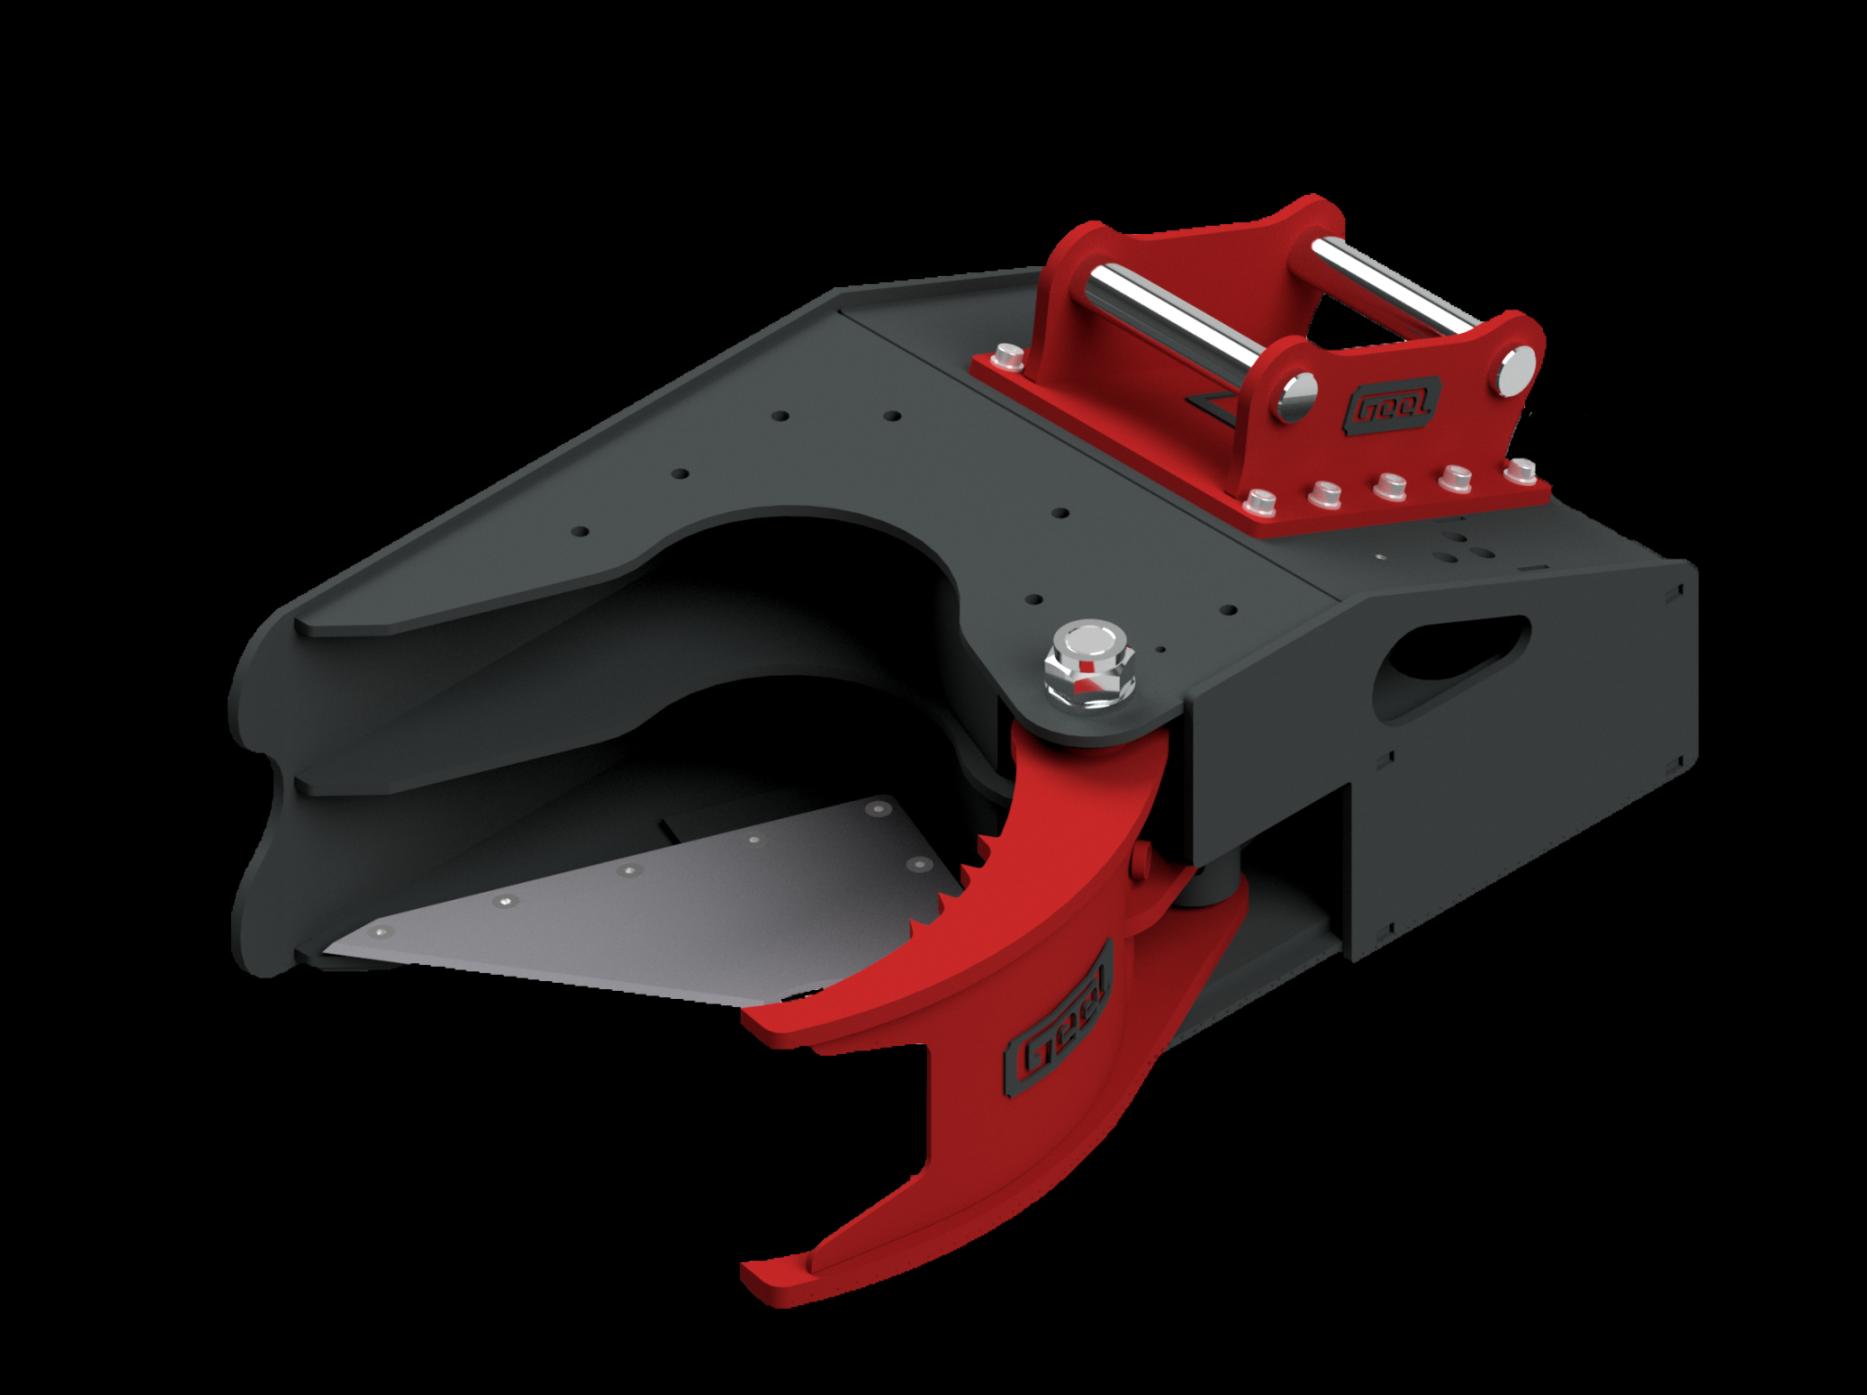 Fällgreifer Treecutter TC280-neues Messer.png